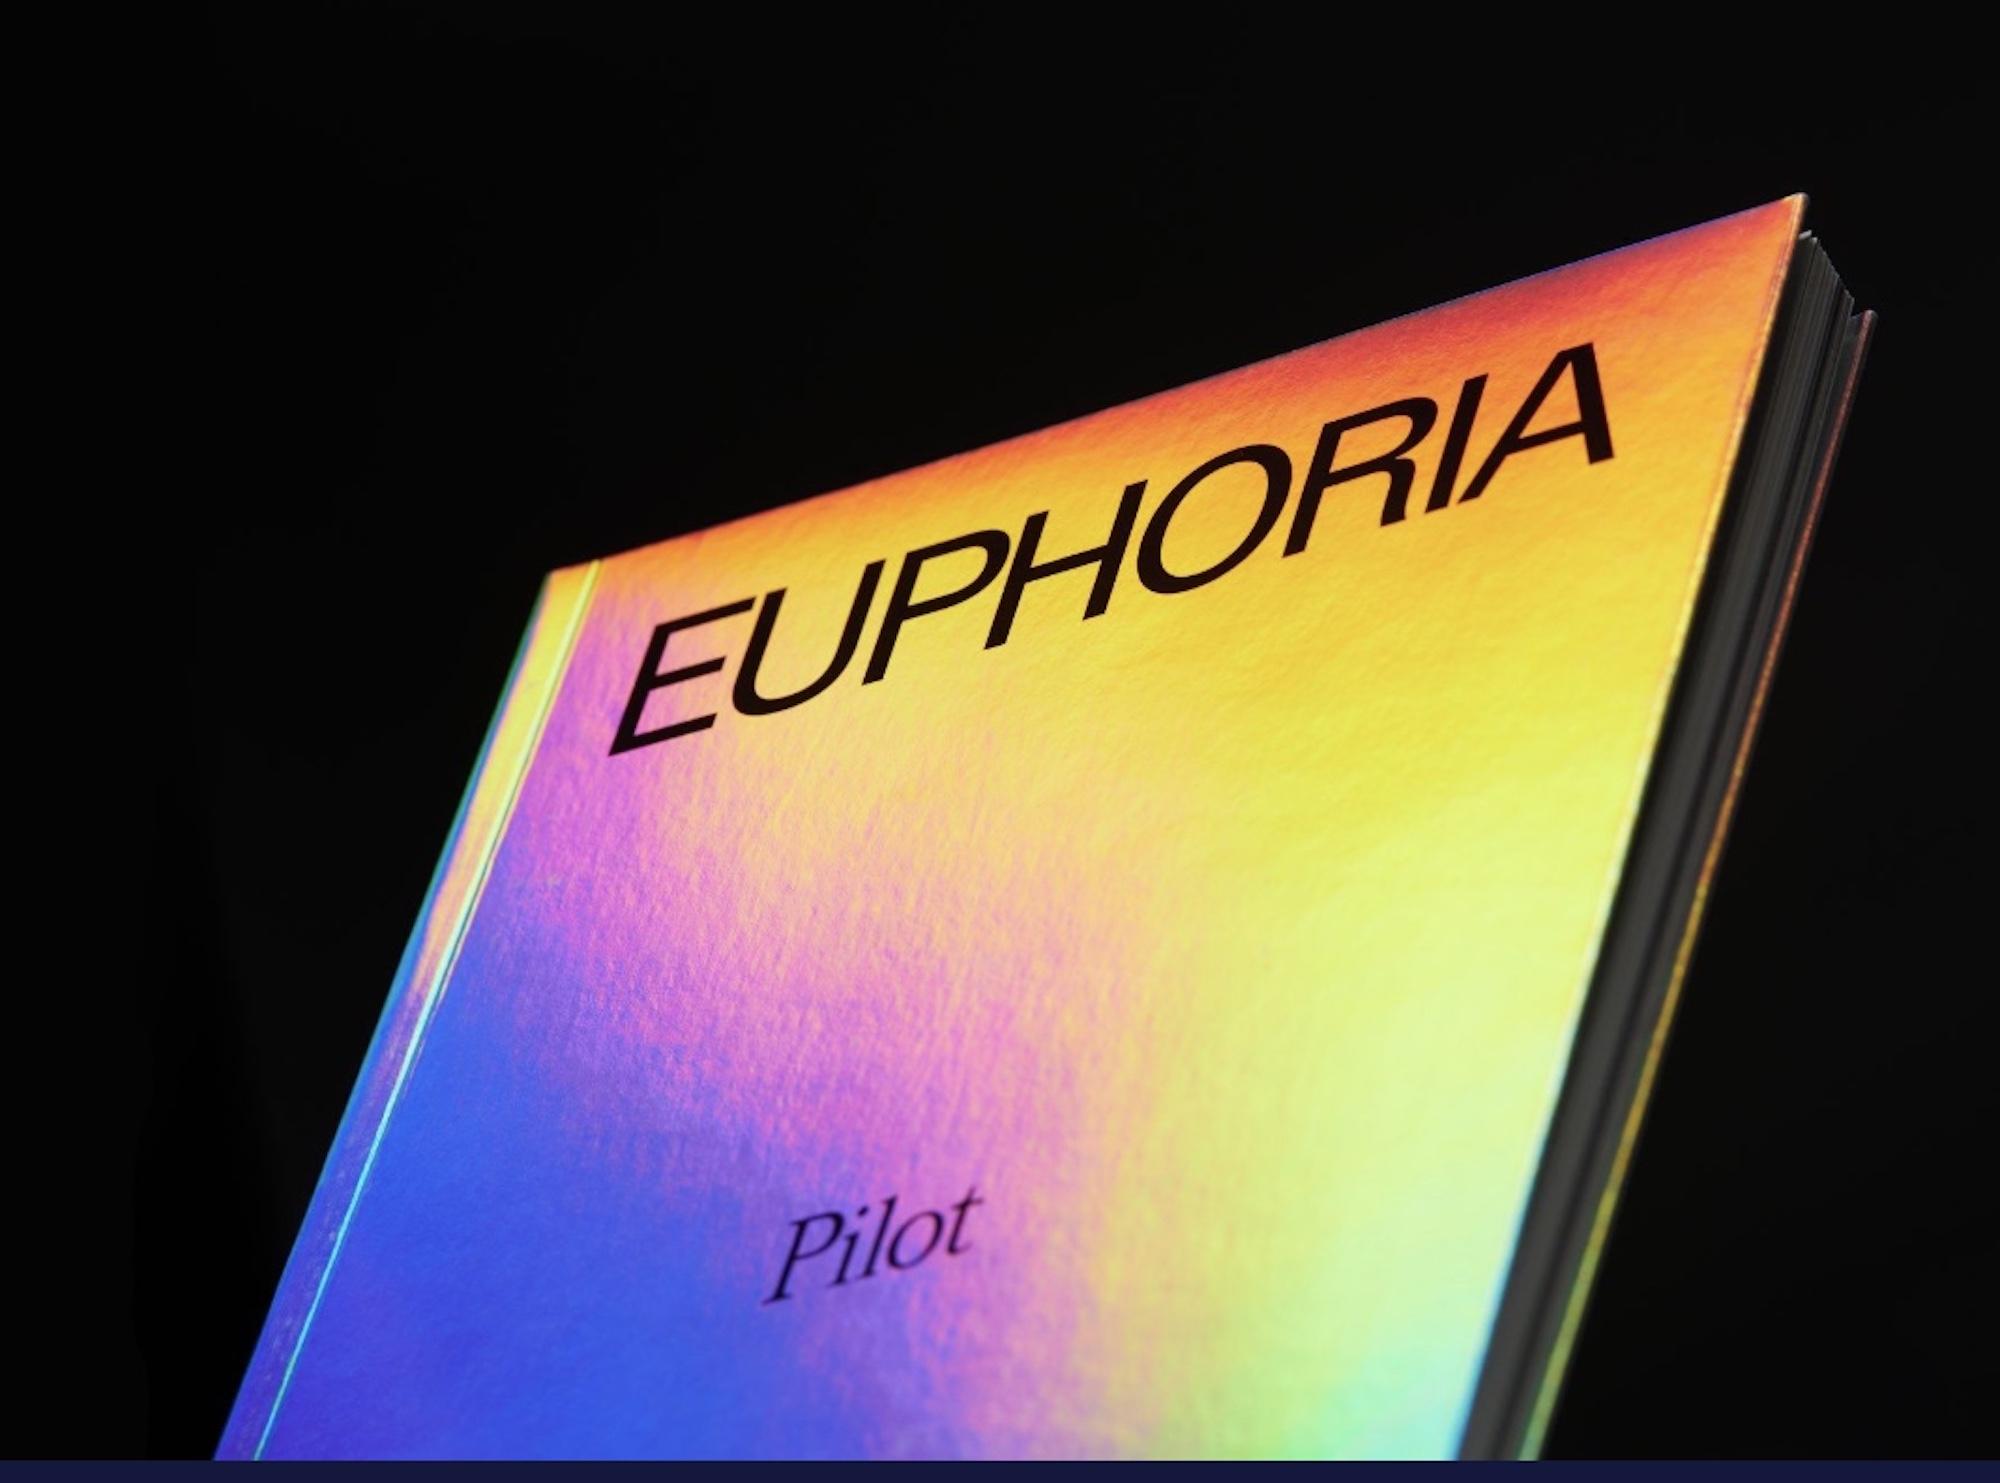 Euphoria x A24 Holographic Rainbow Pilot Book Cover